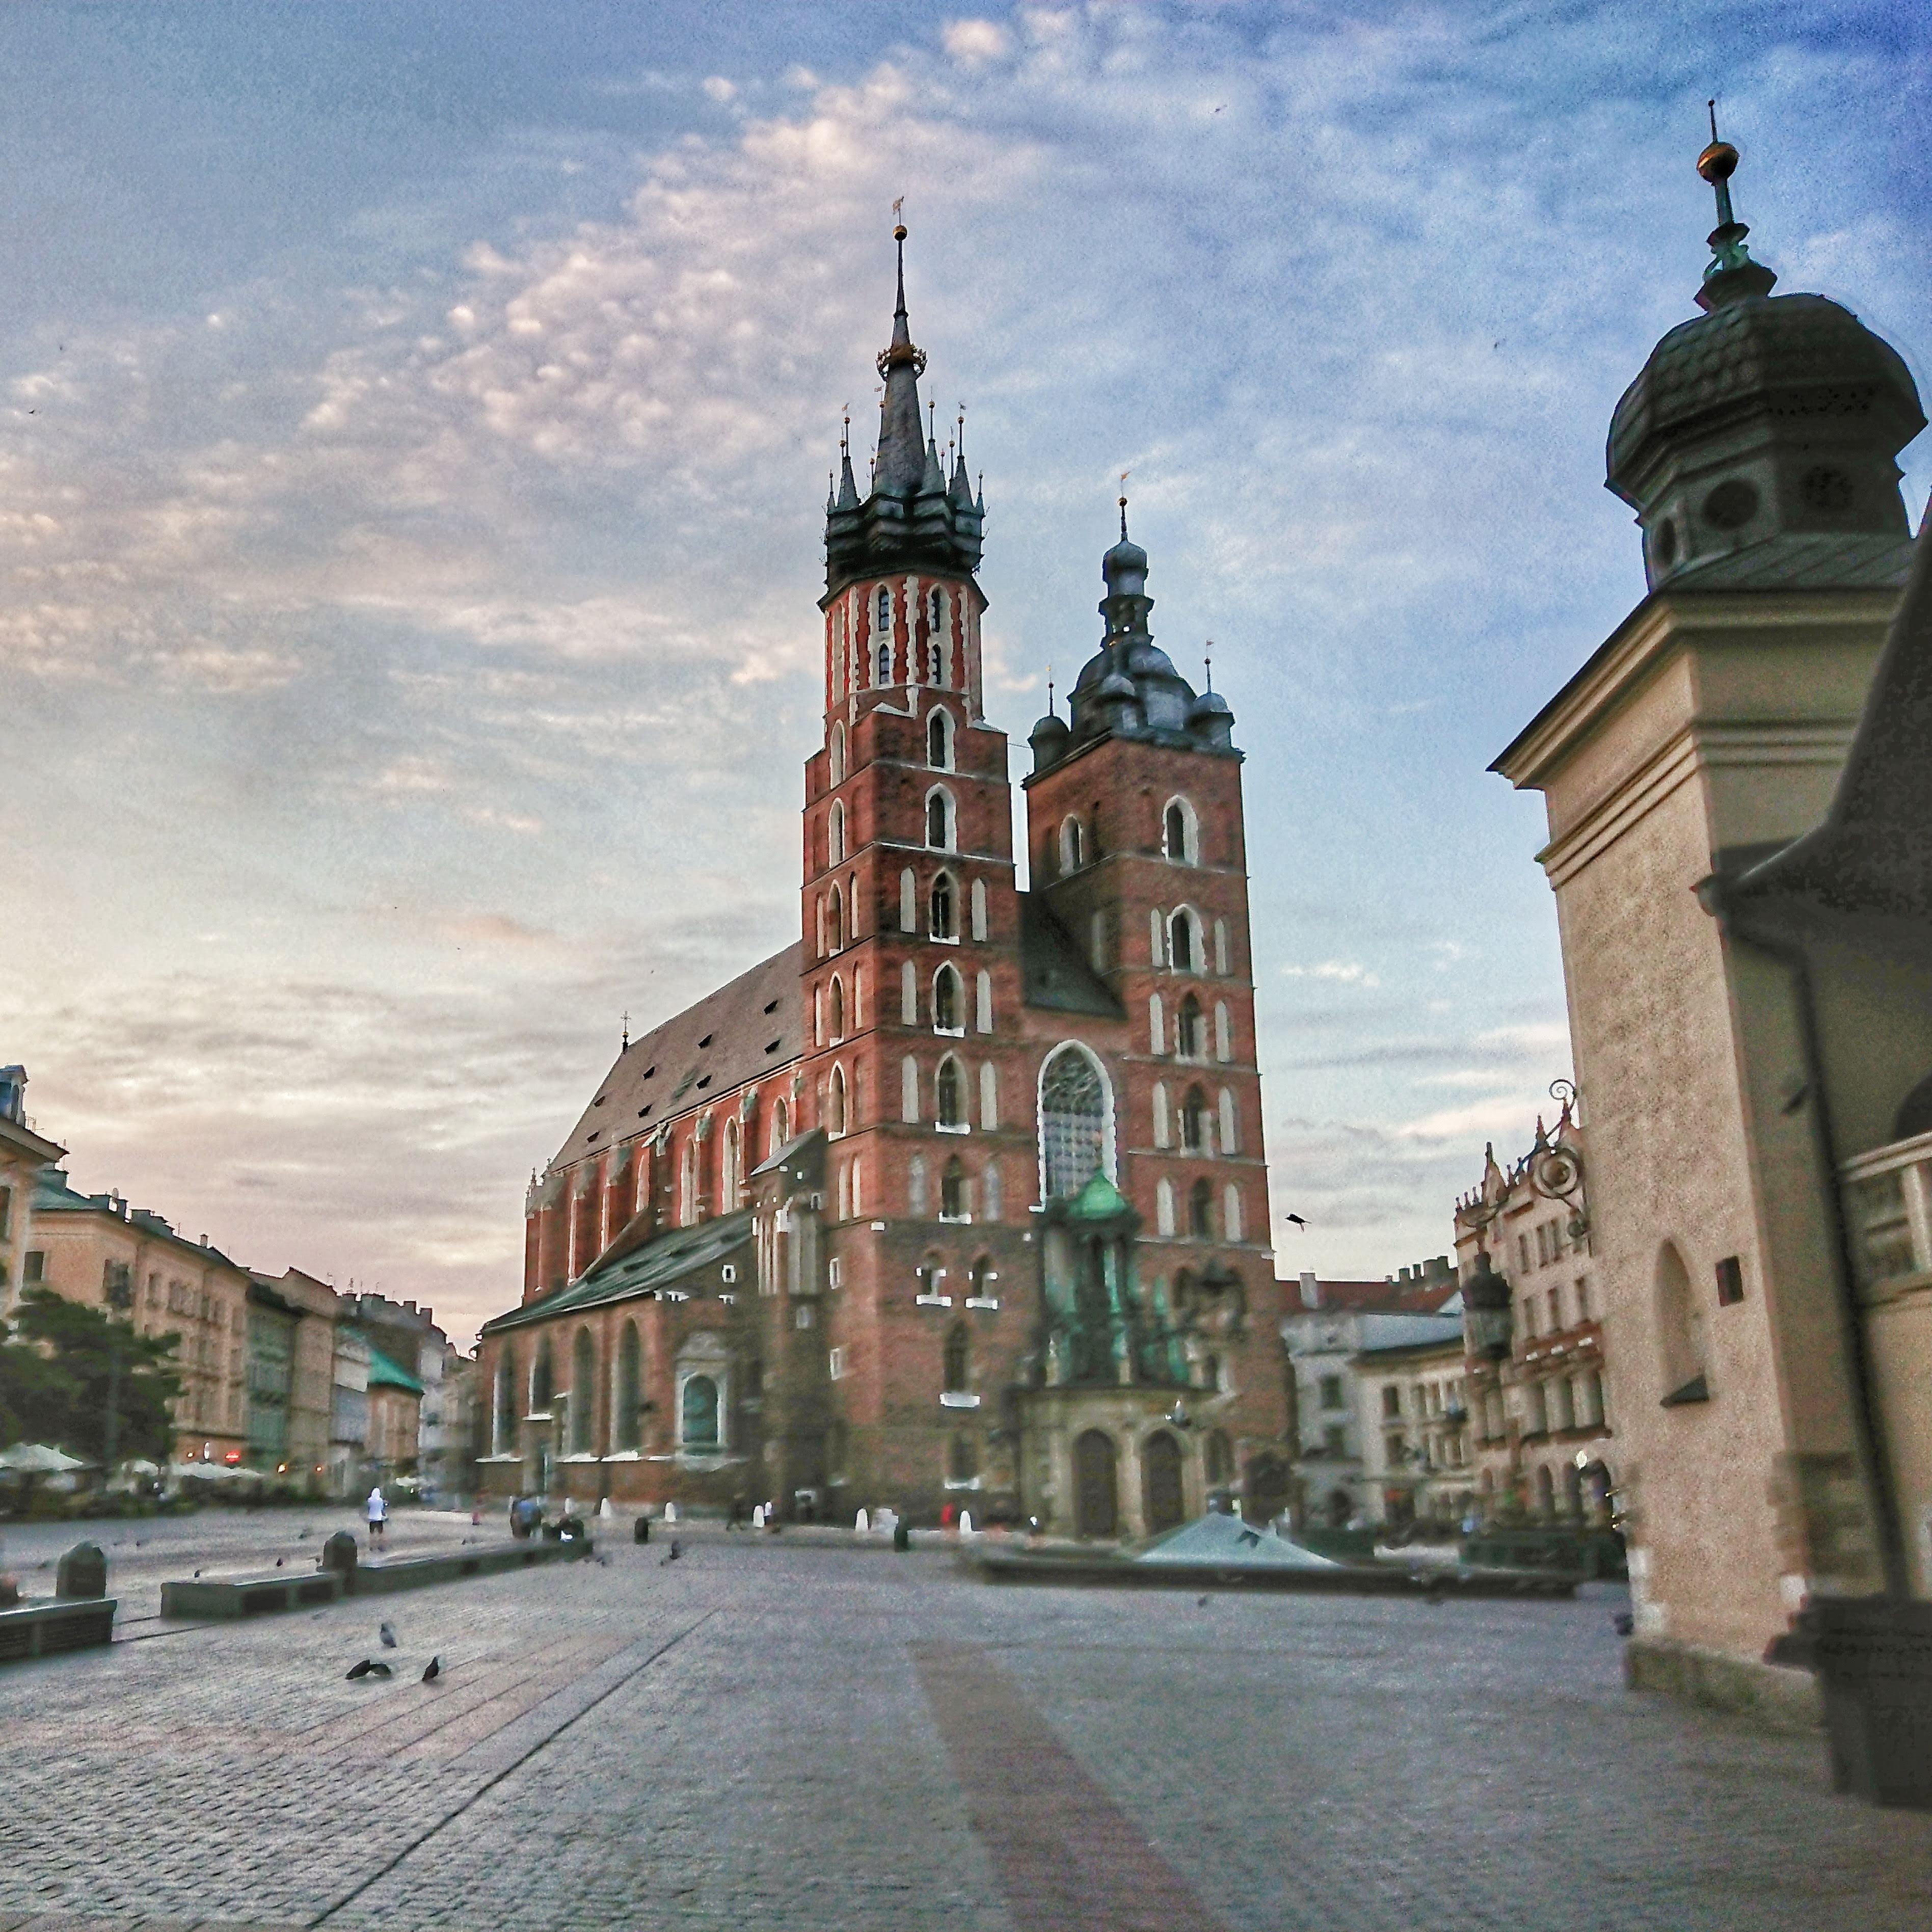 Widok z Rynku Głównego na kościół Mariacki, źródło: archiwum autorki